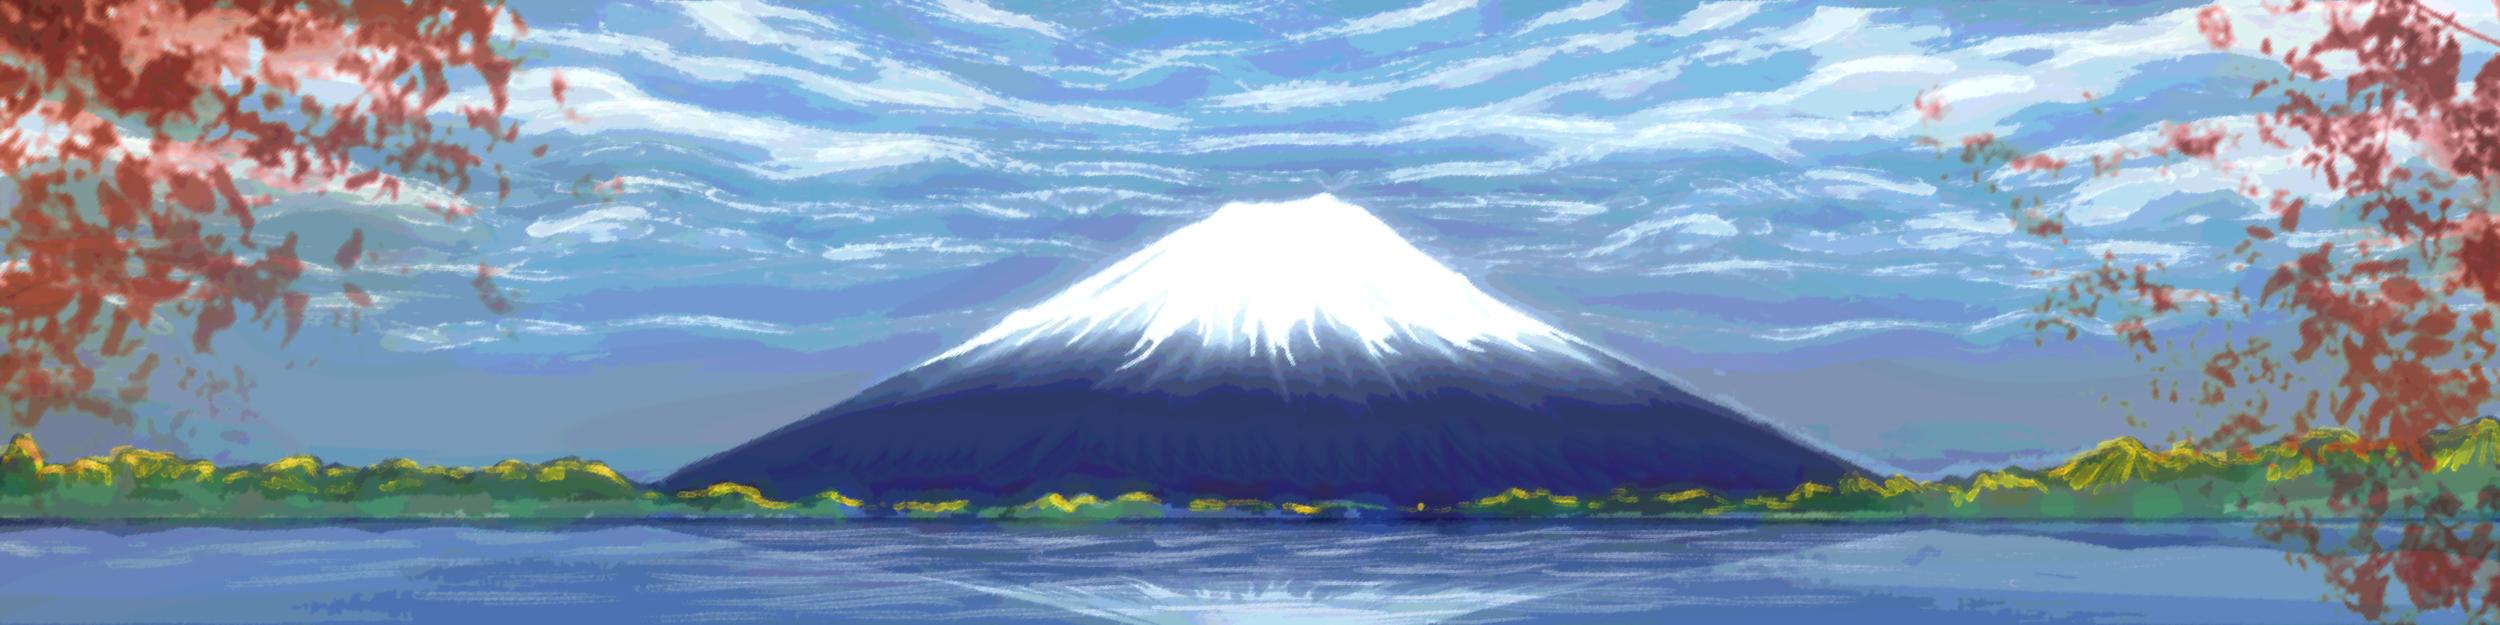 """""""Mt. Fuji"""" in-game mural"""